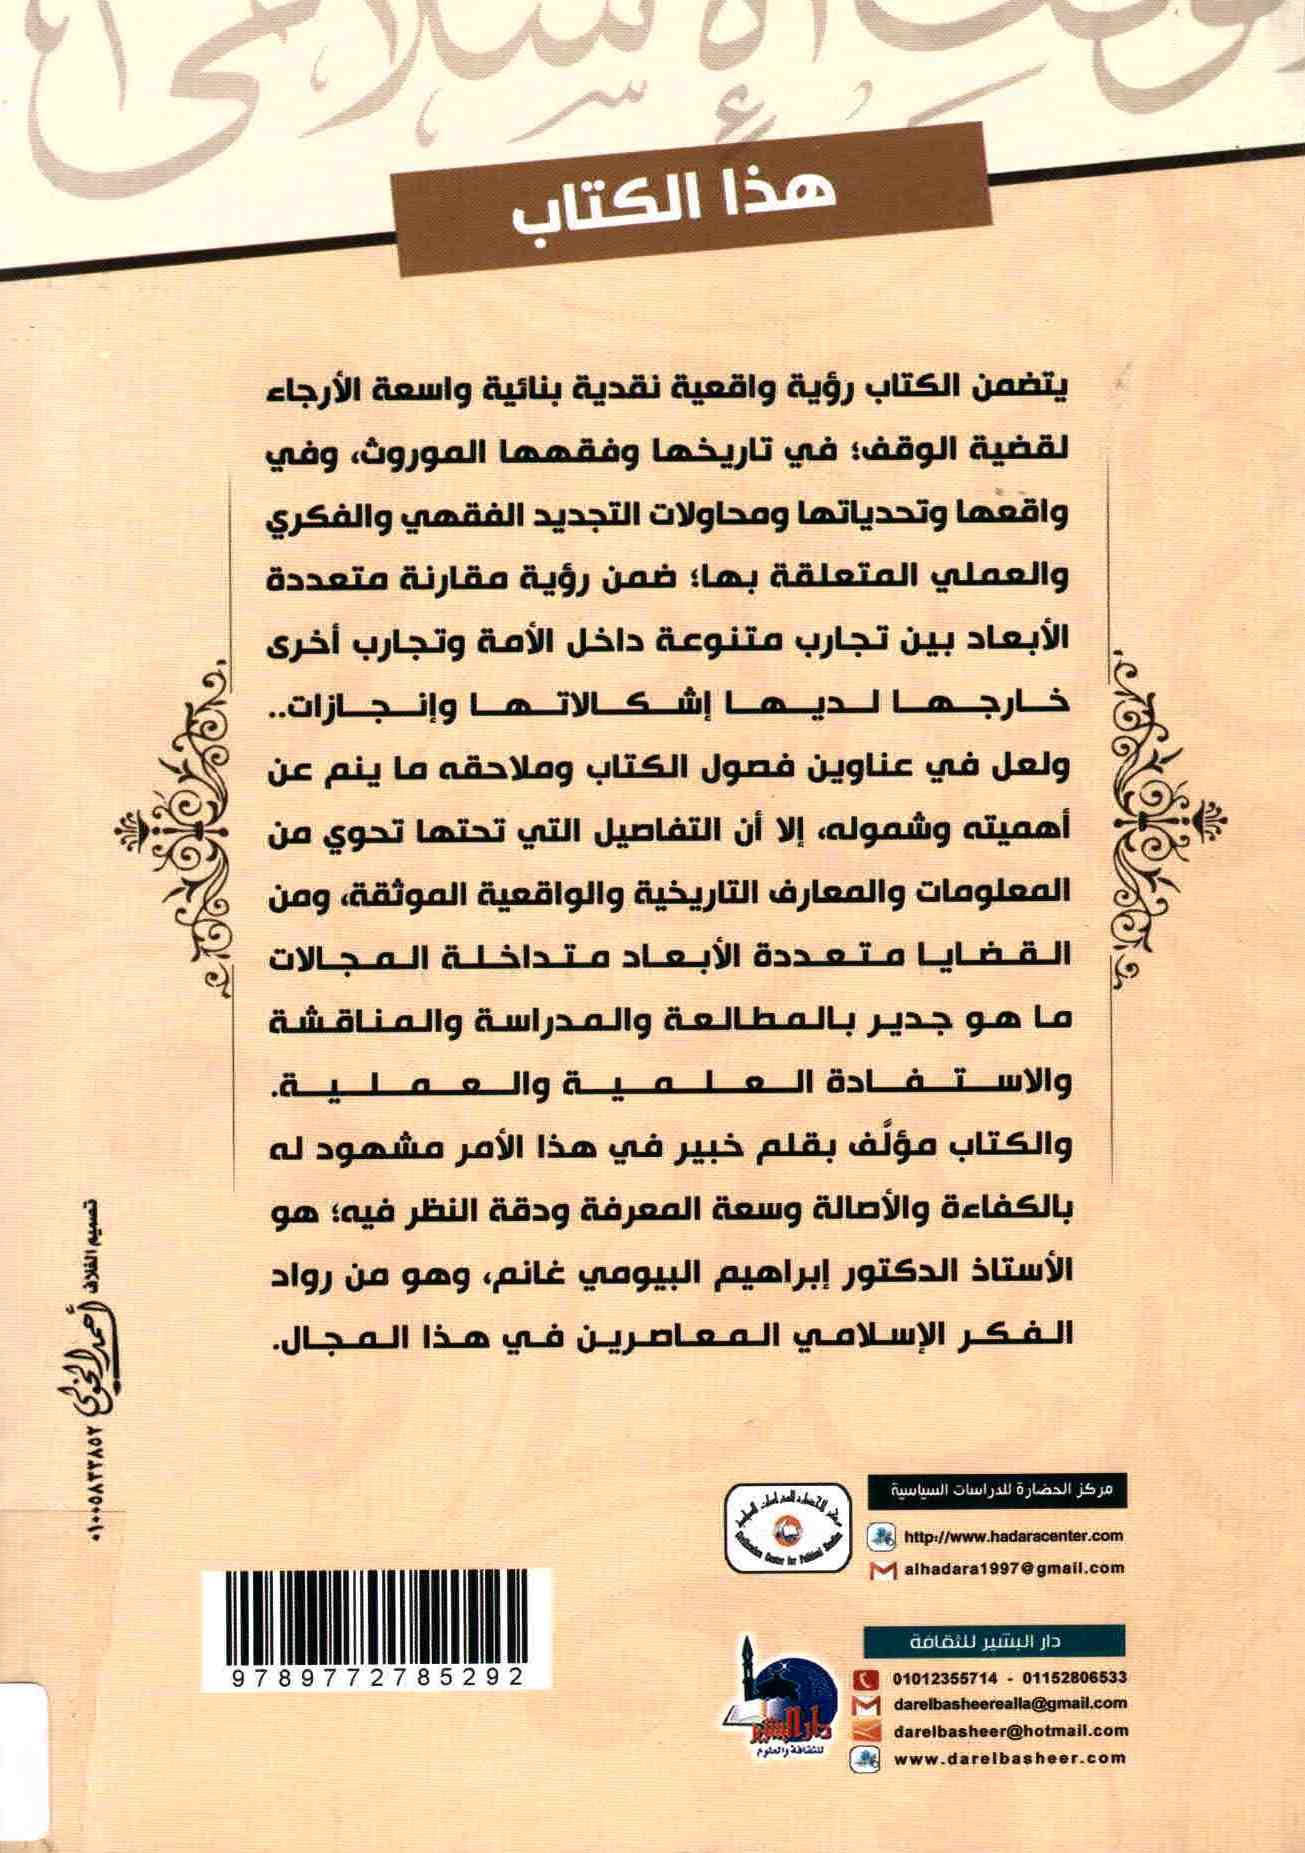 غلاف كتاب تجديد الوعي بنظام الوقف الإسلامي